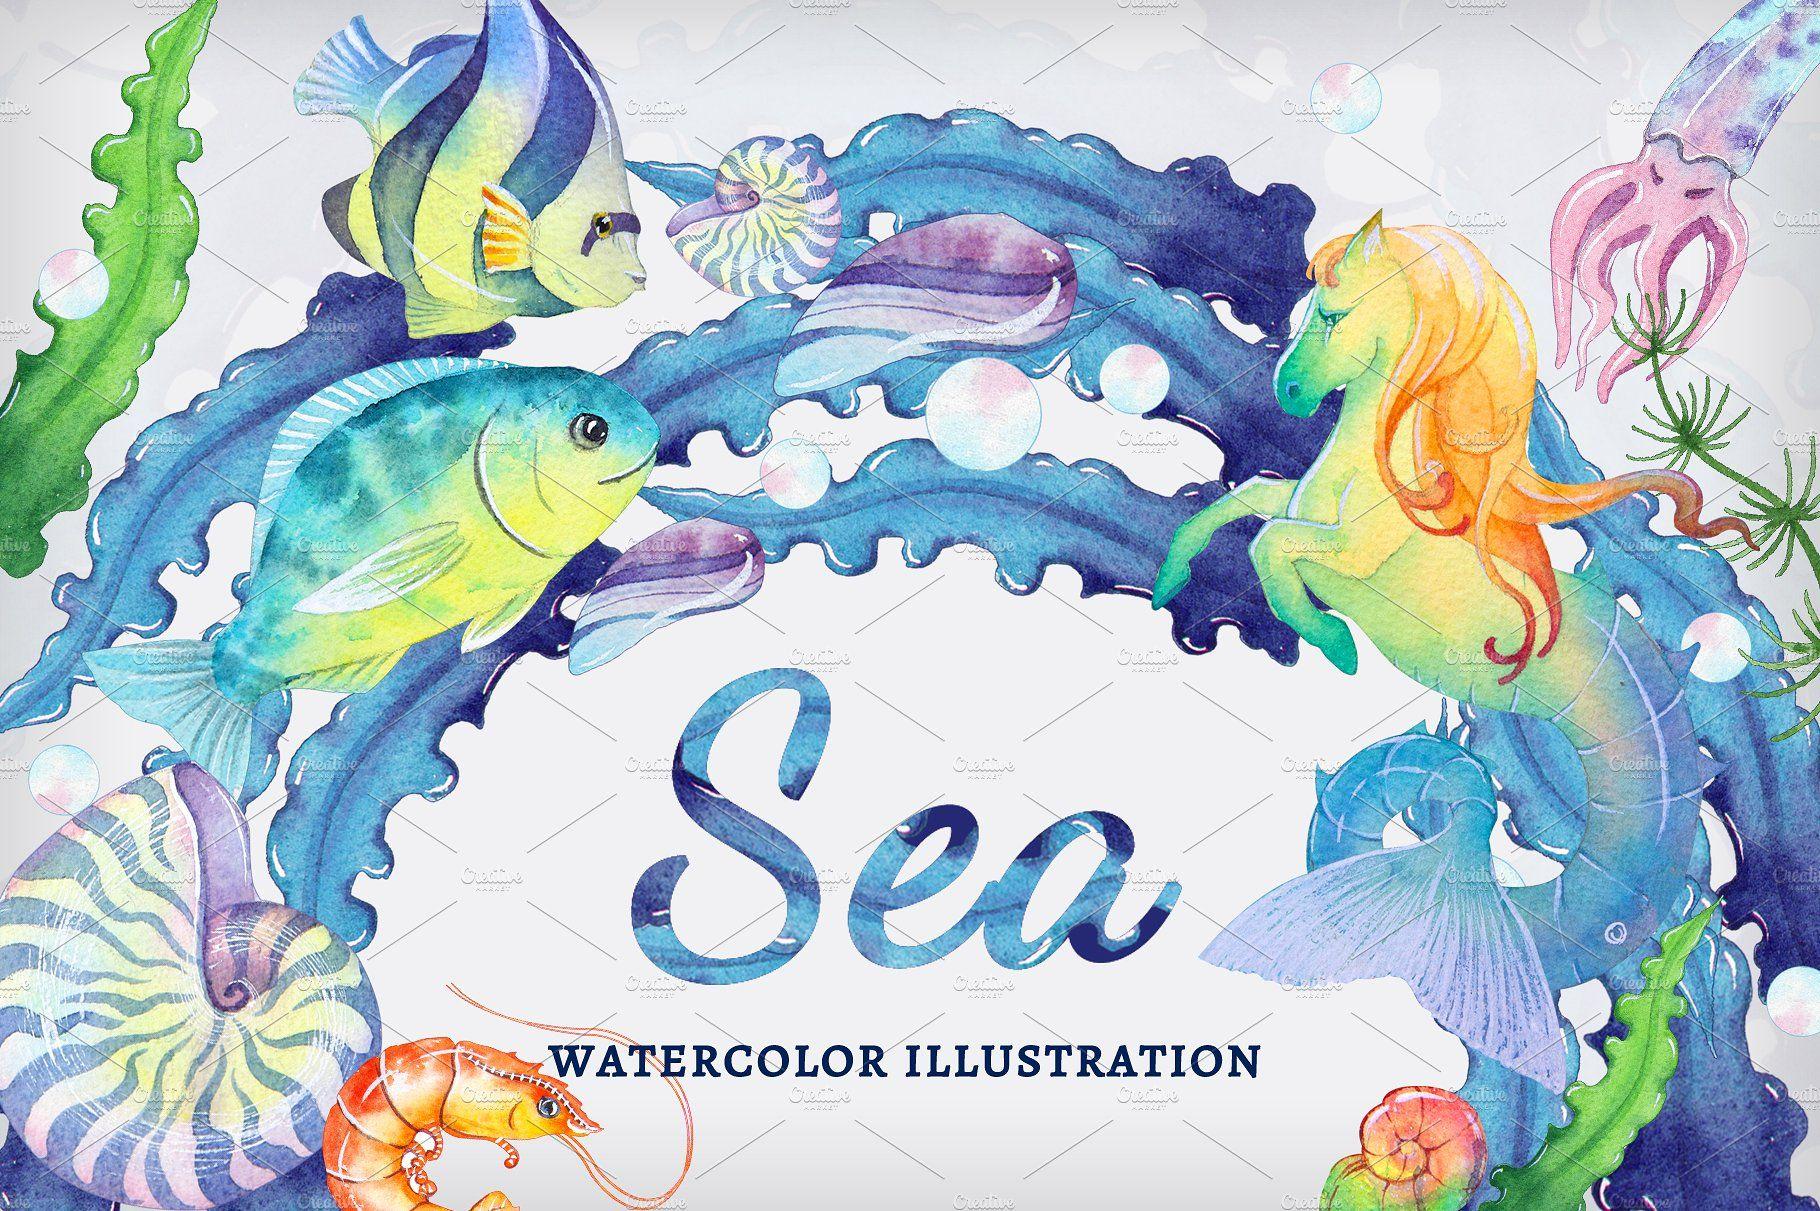 Sea Set Watercolor Illustrations Rgb Dpi Transparent